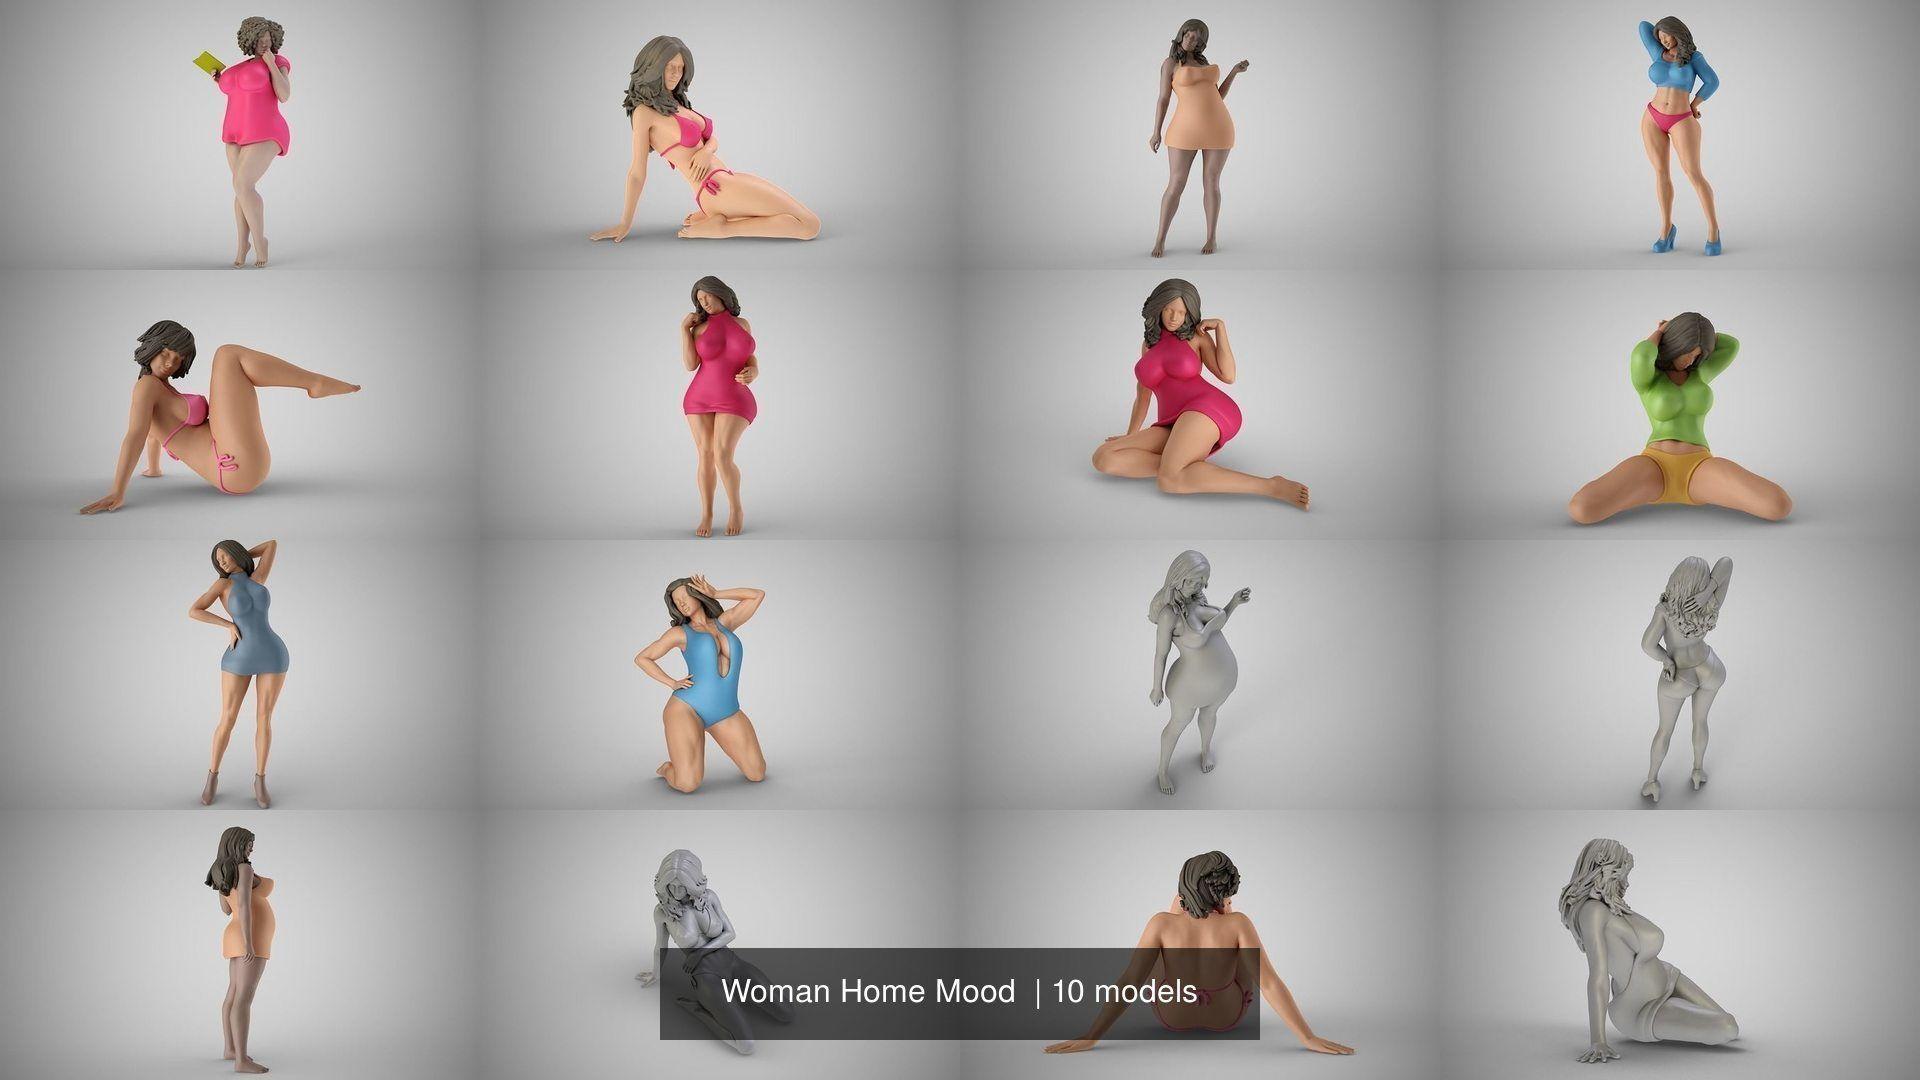 Woman Home Mood